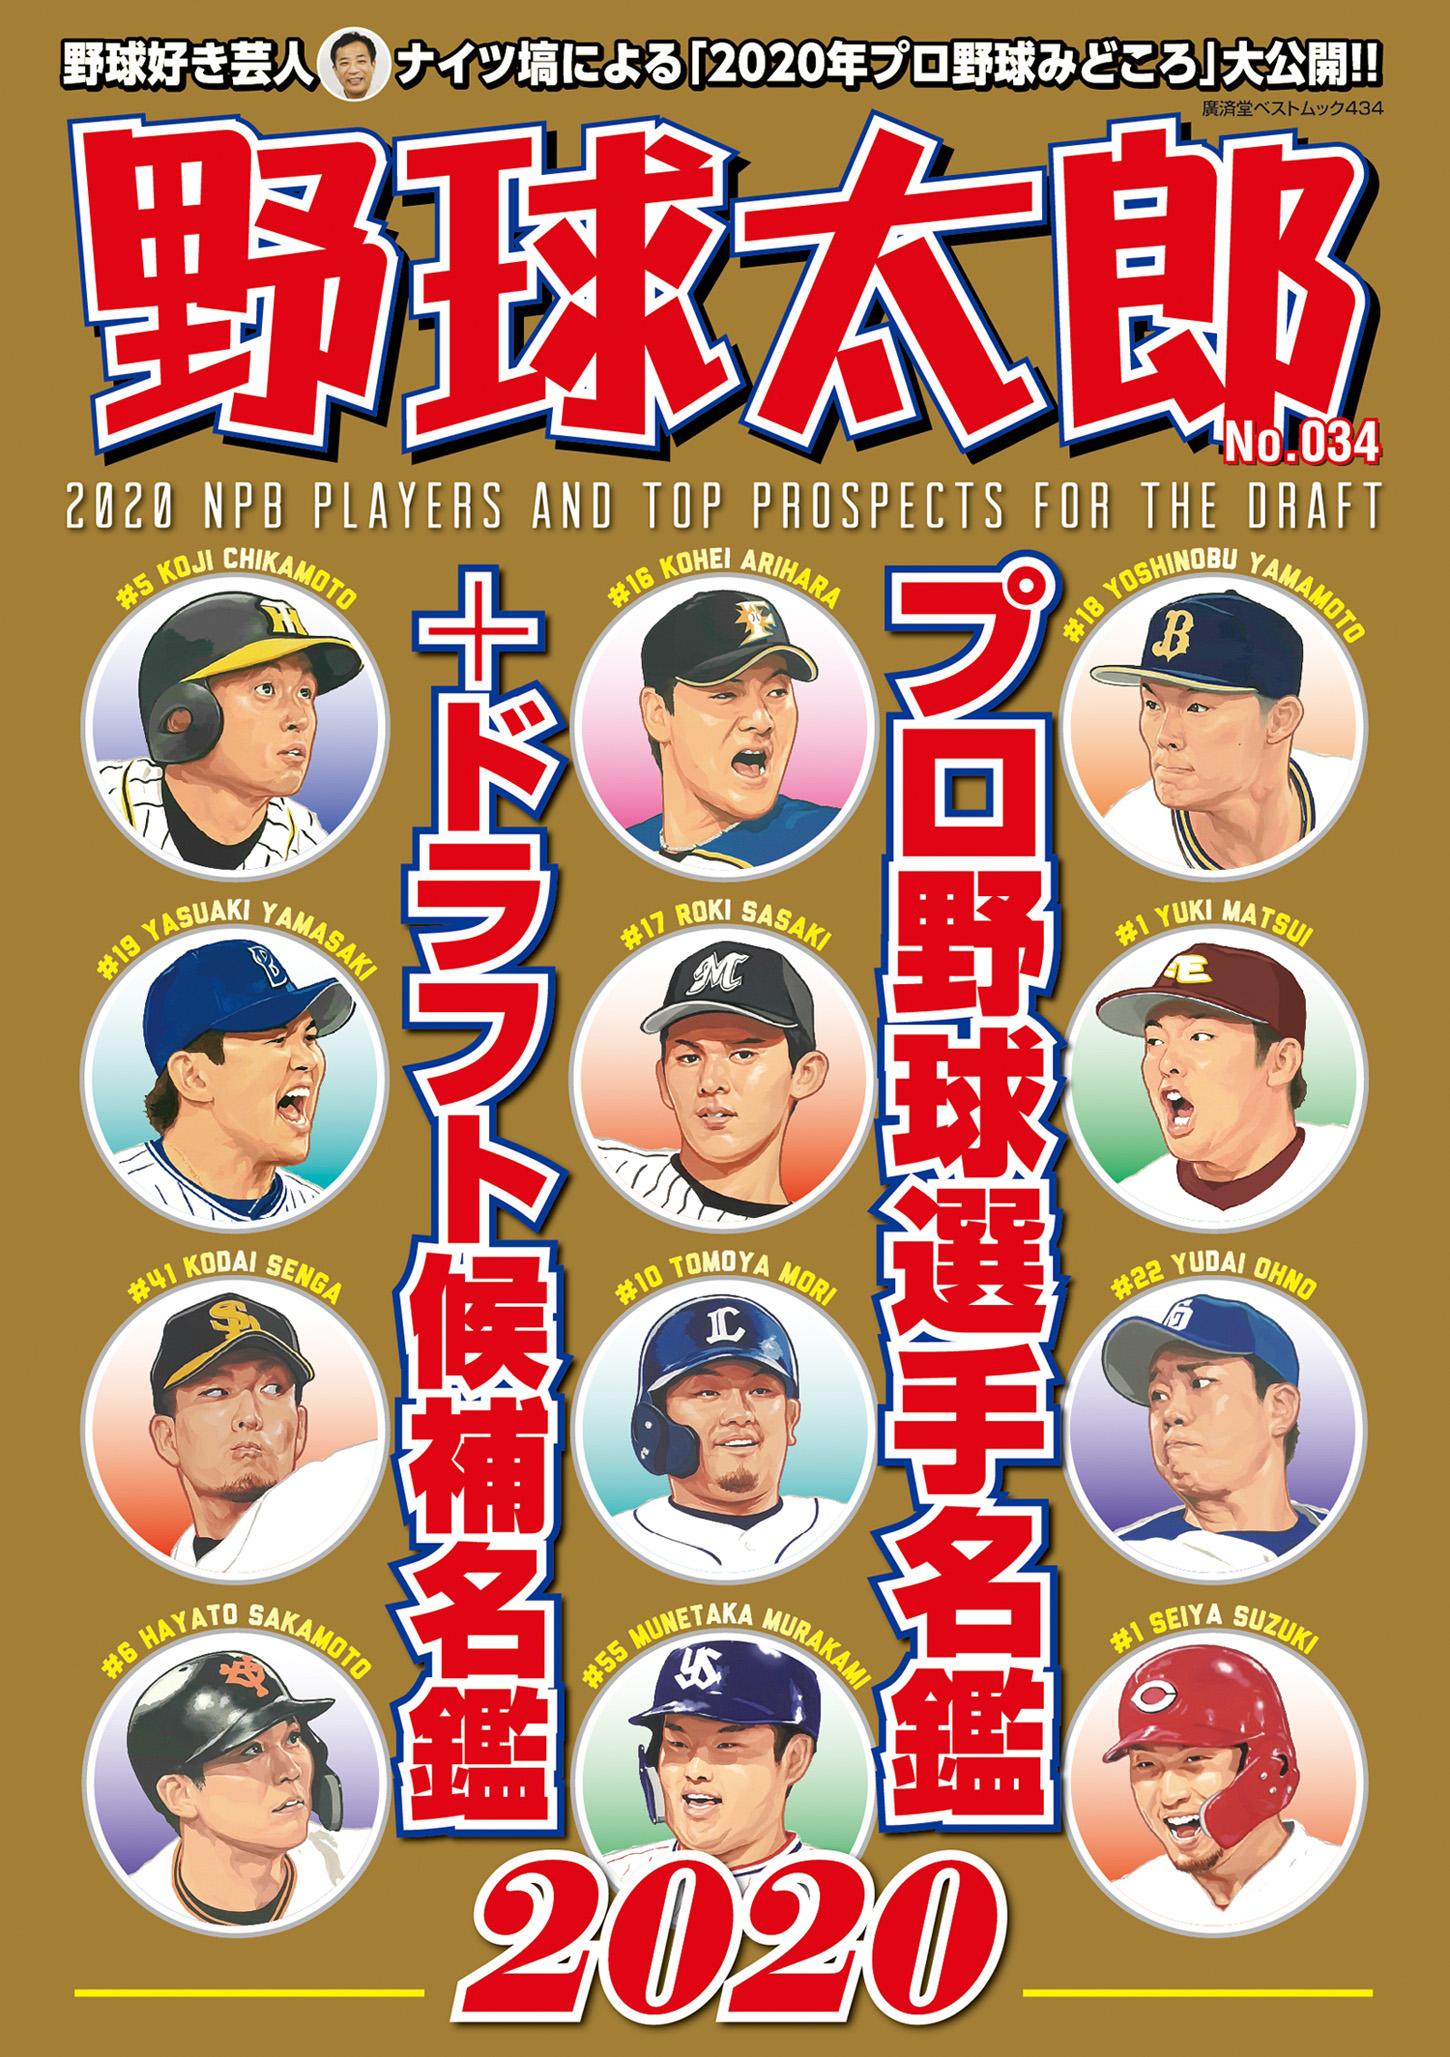 『野球太郎No.034 プロ野球選手名鑑+ドラフト候補名鑑2020』日本一の選手掲載数を誇る【選手名鑑】が発売中です!